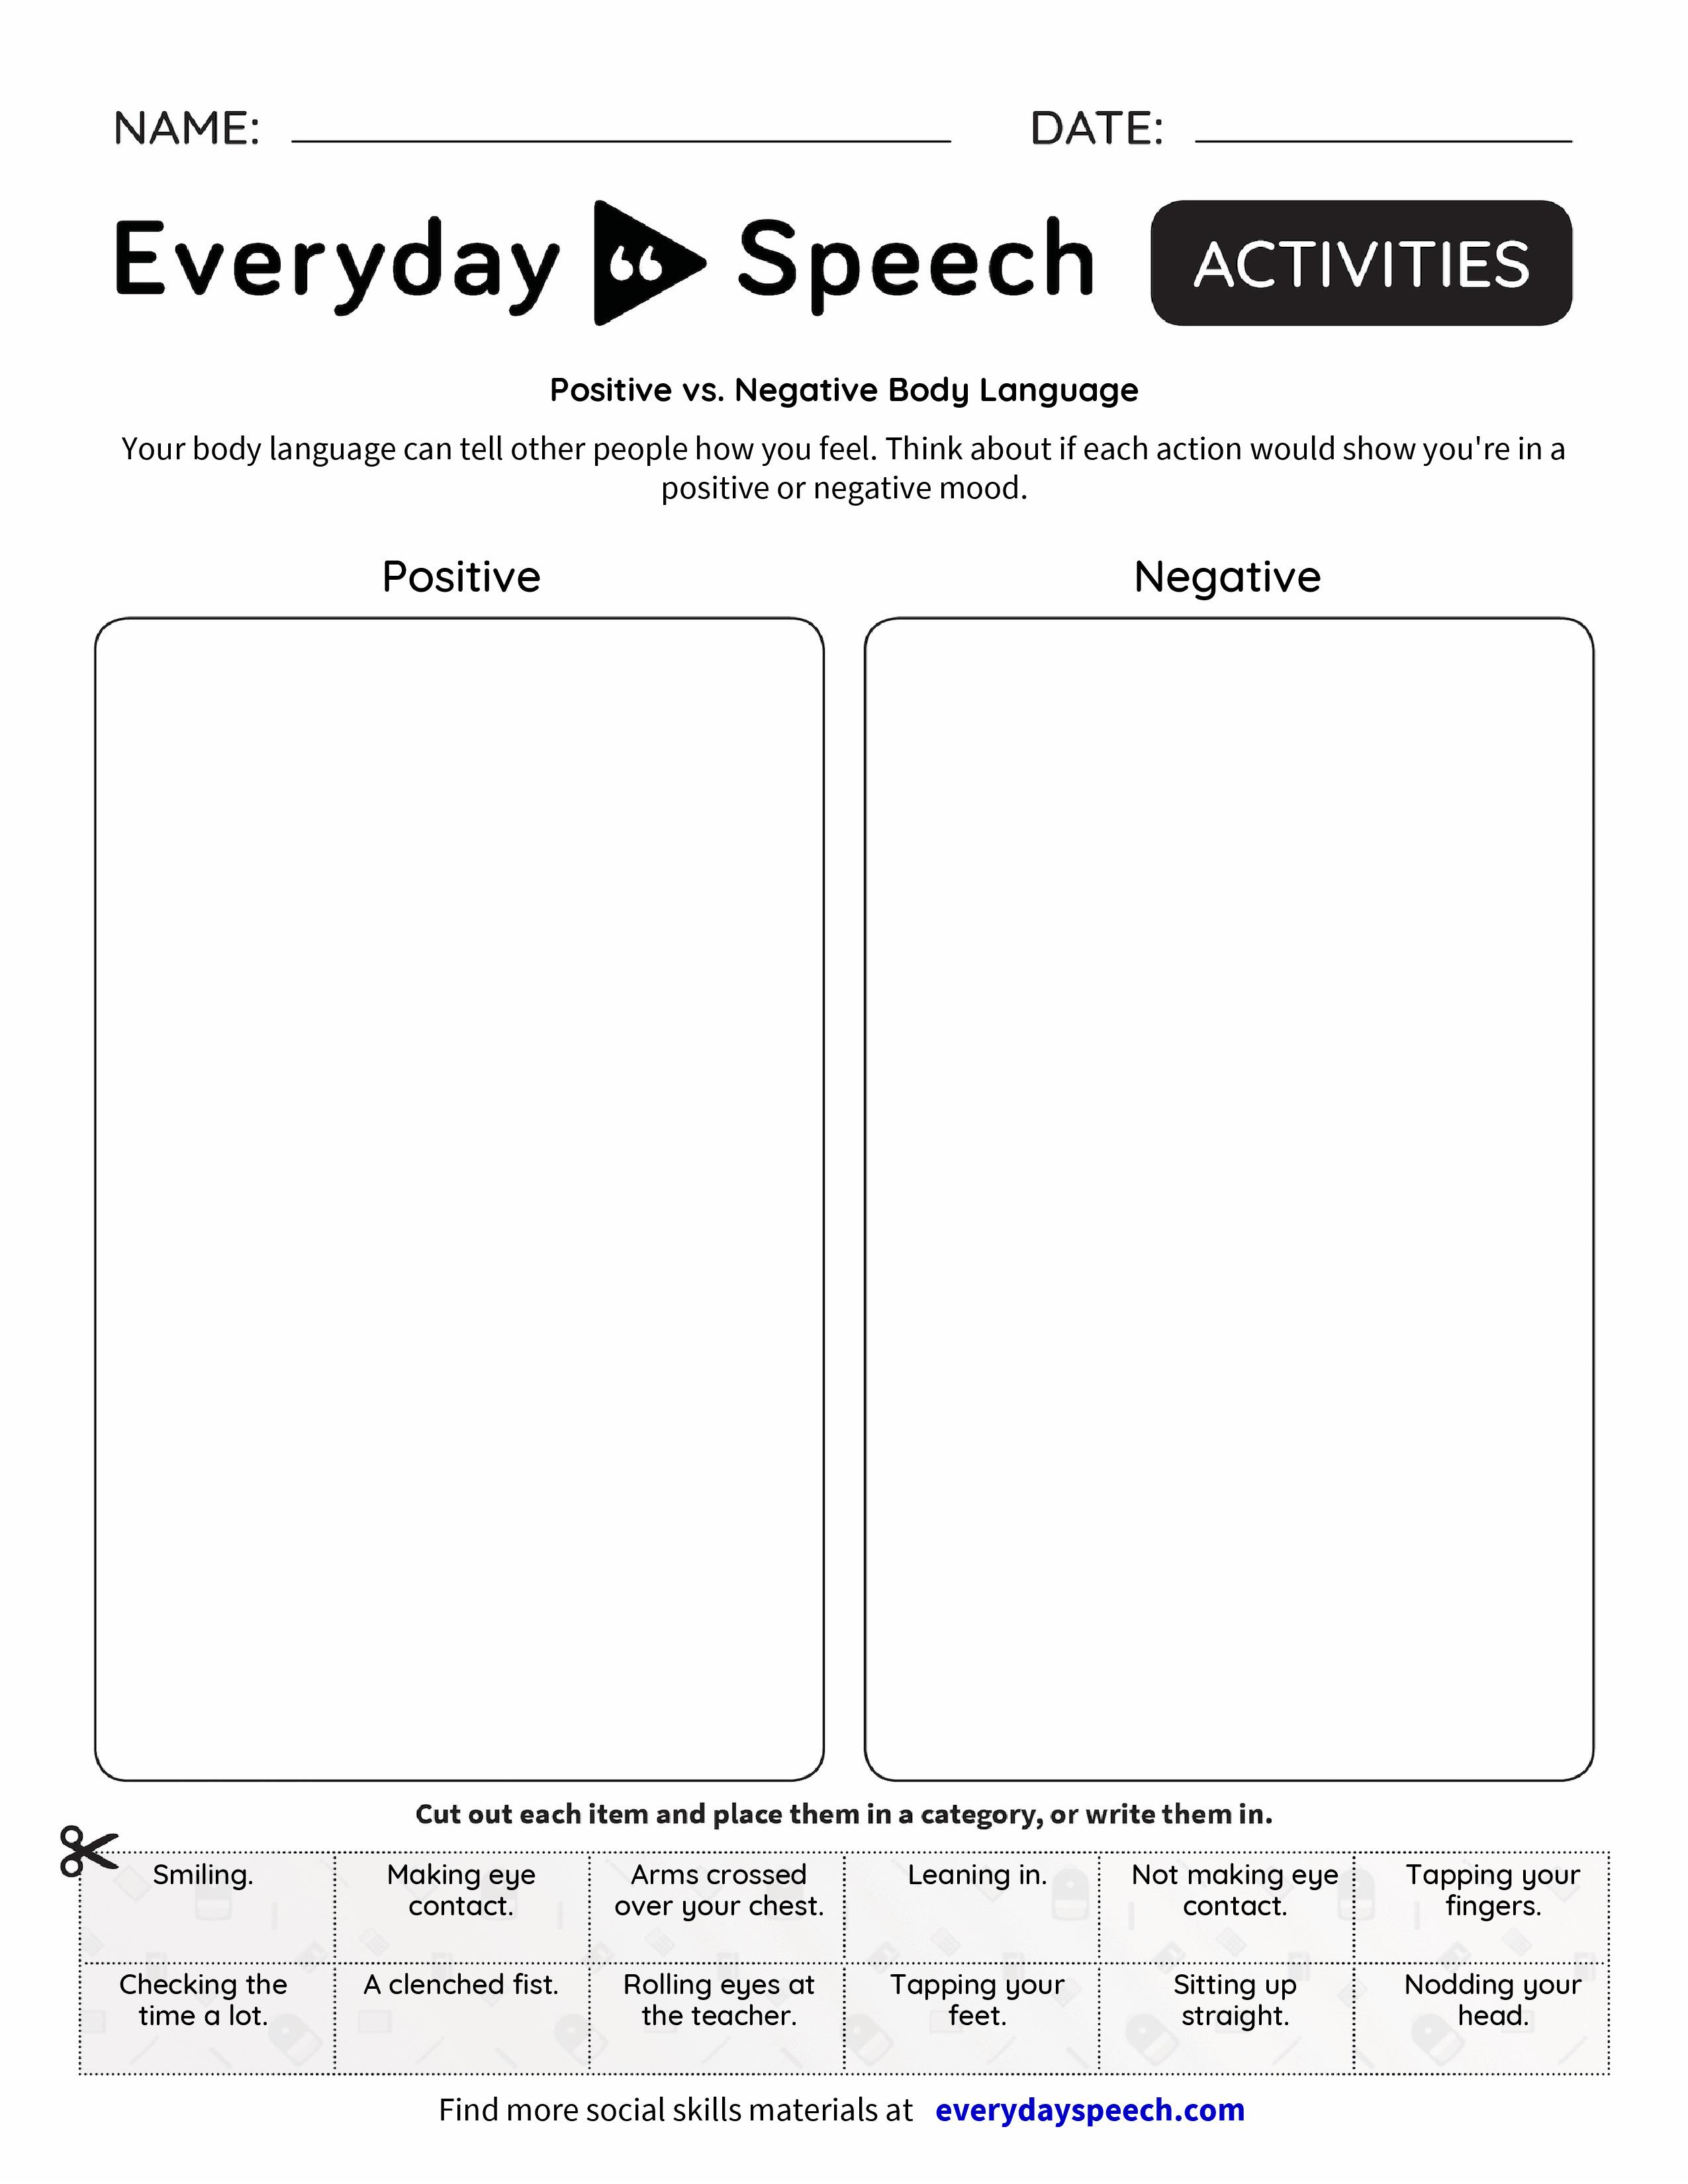 Positive Vs Negative Body Language Everyday Speech Everyday Speech